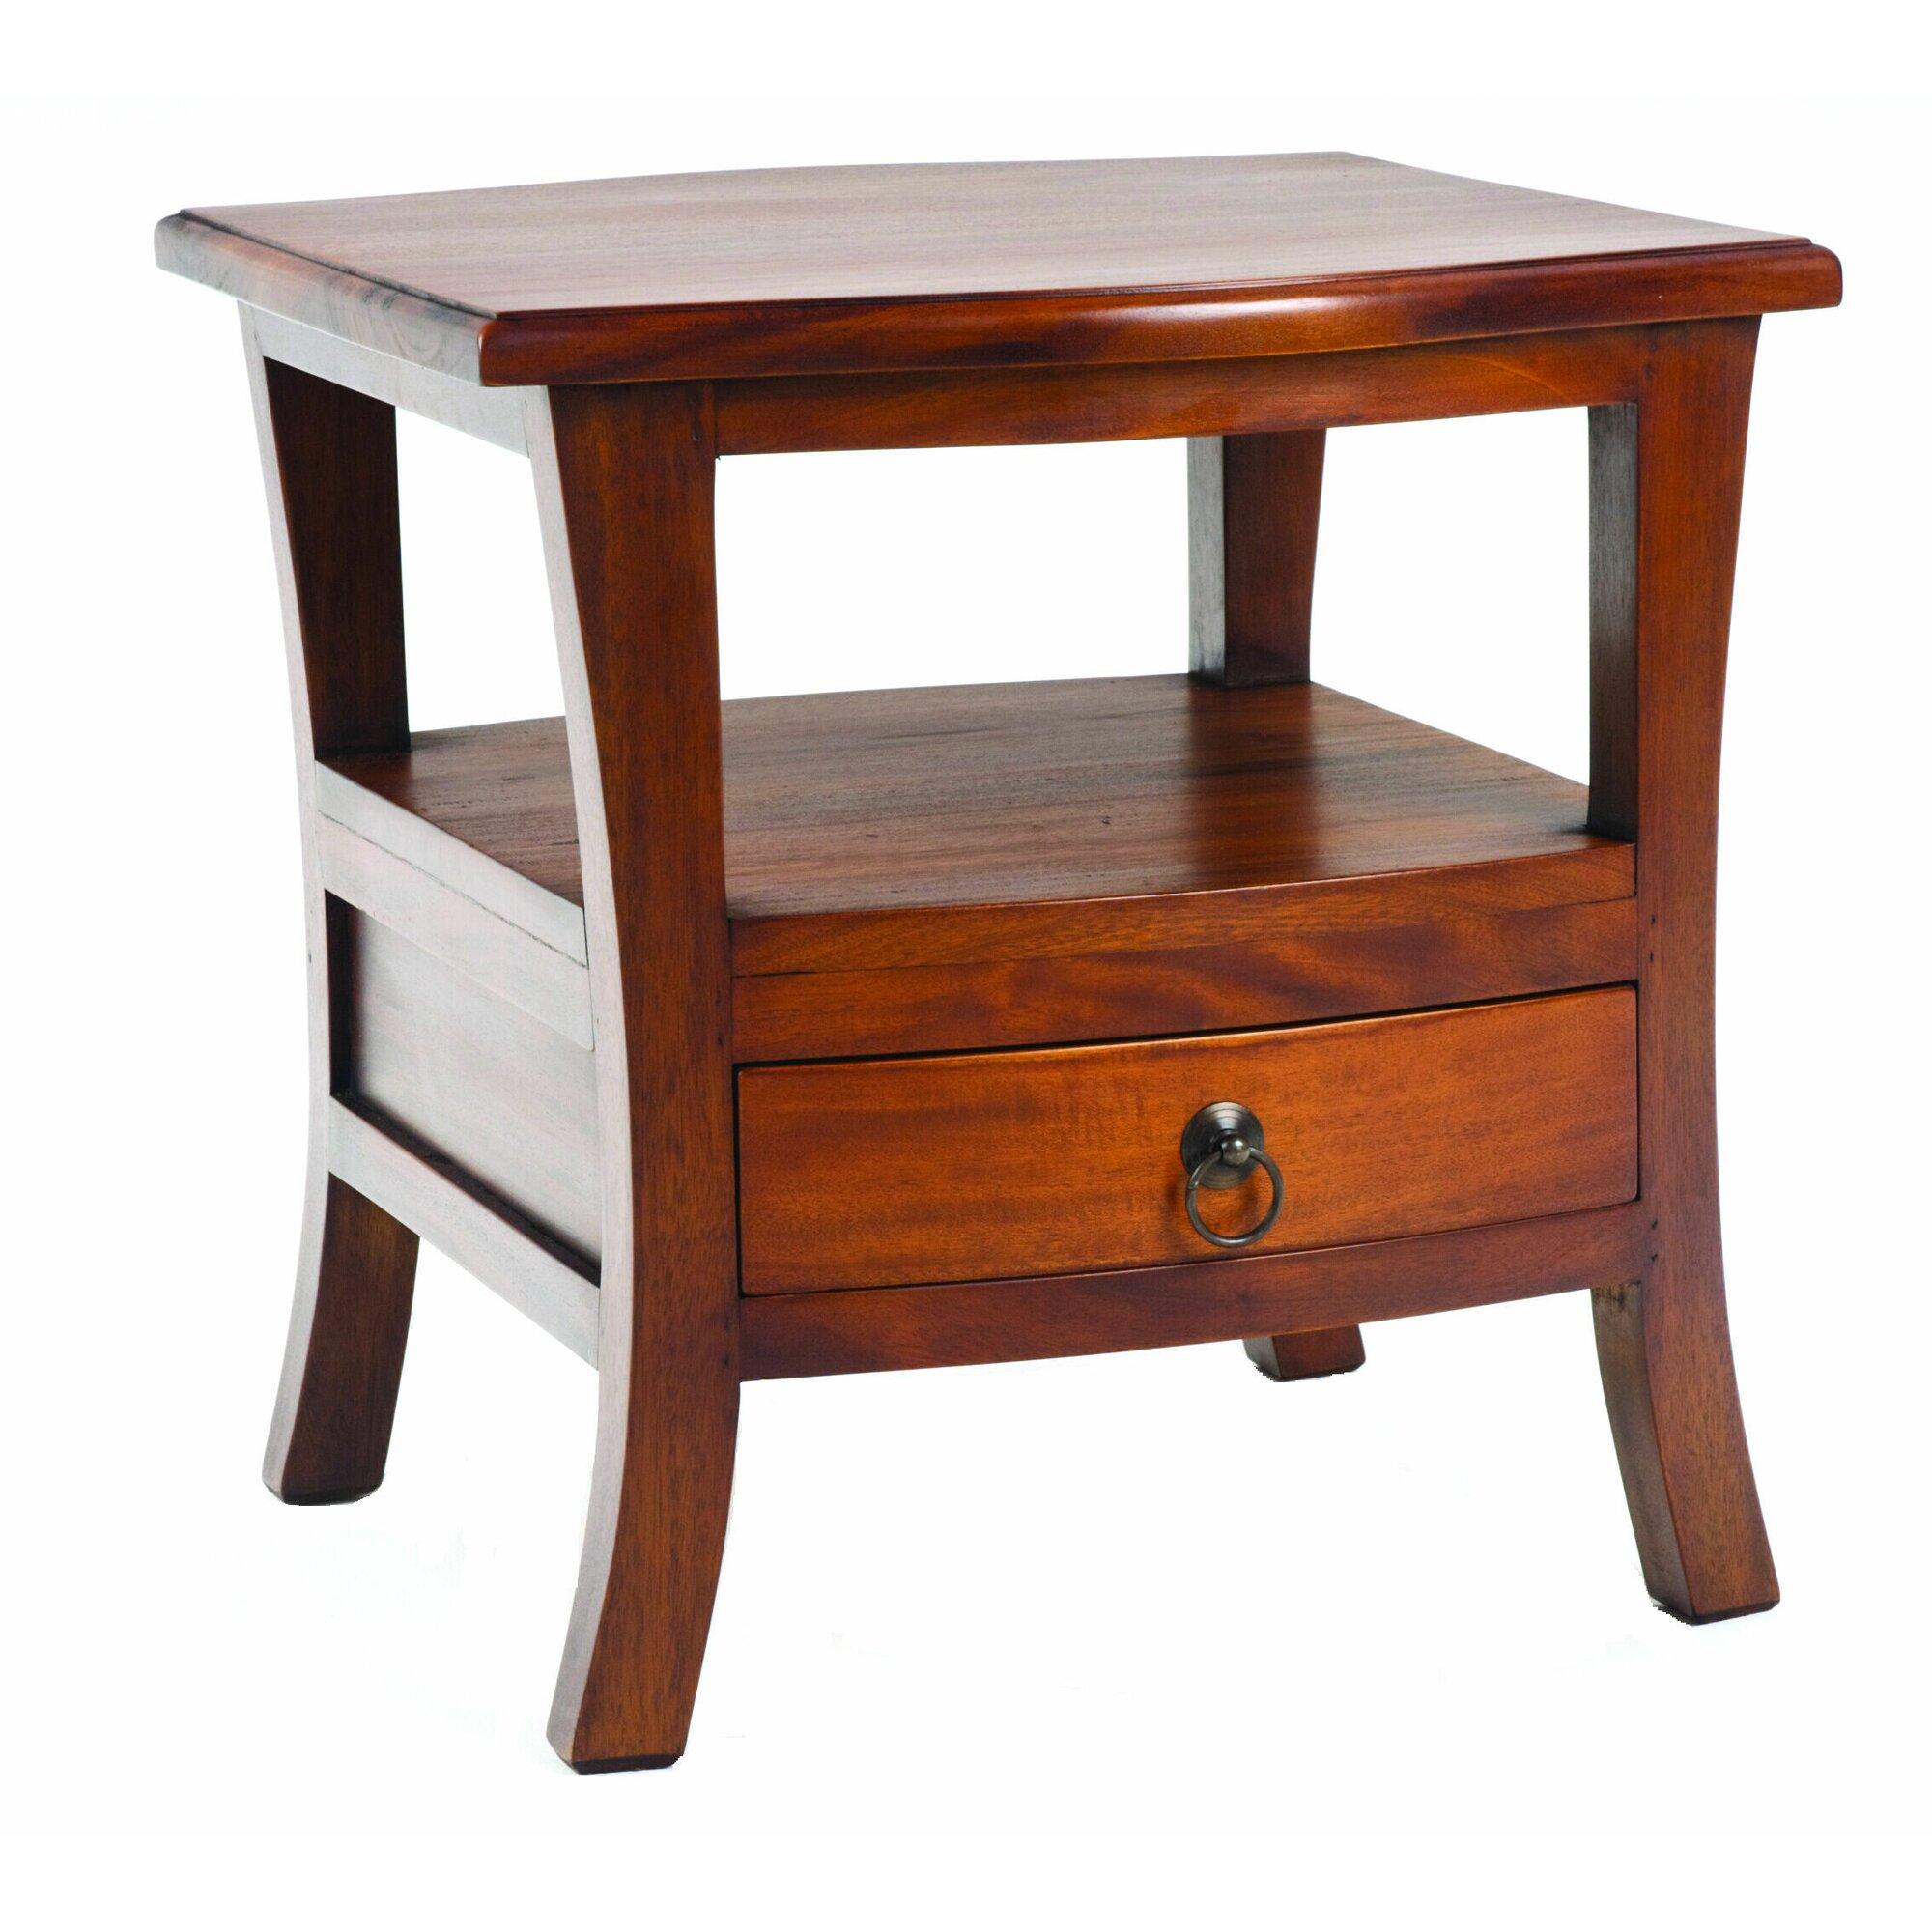 rosalind wheeler beistelltisch beecher mit stauraum. Black Bedroom Furniture Sets. Home Design Ideas